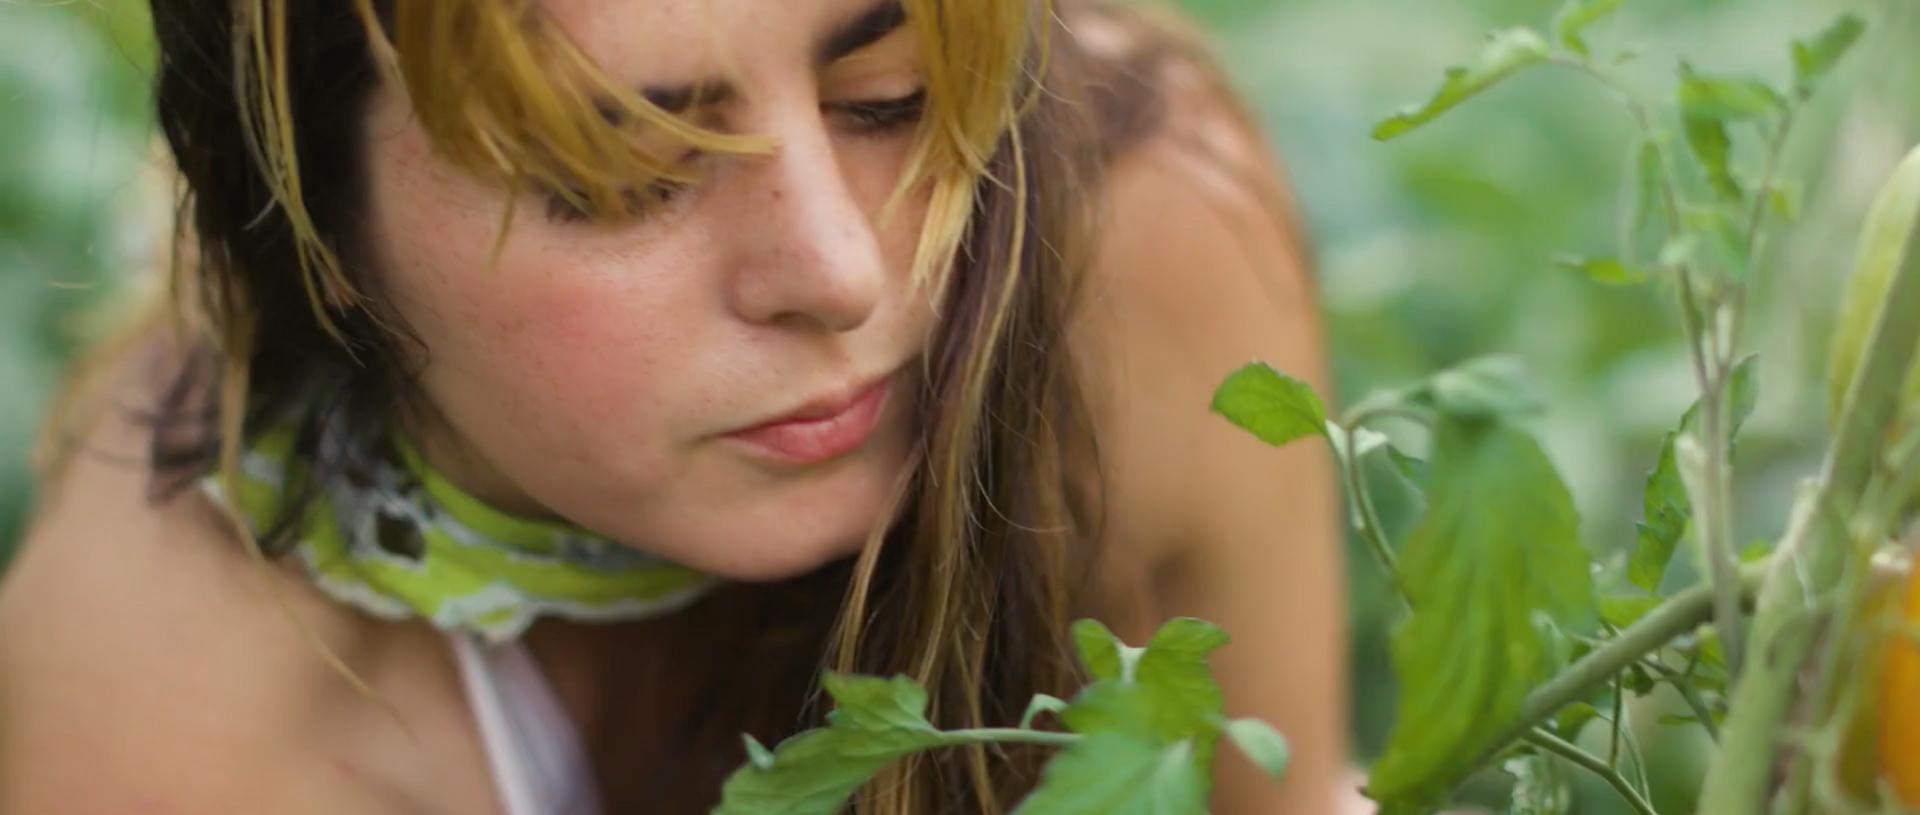 Maine Farmland Trust: Our Future